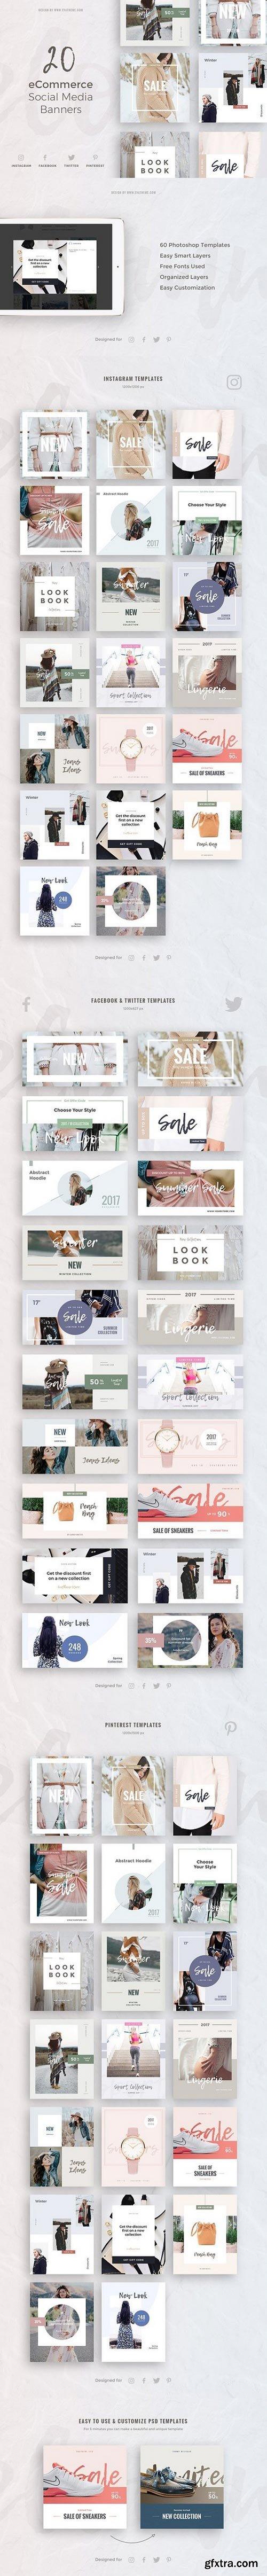 CM - eCommerce Social Media Kit 1530045